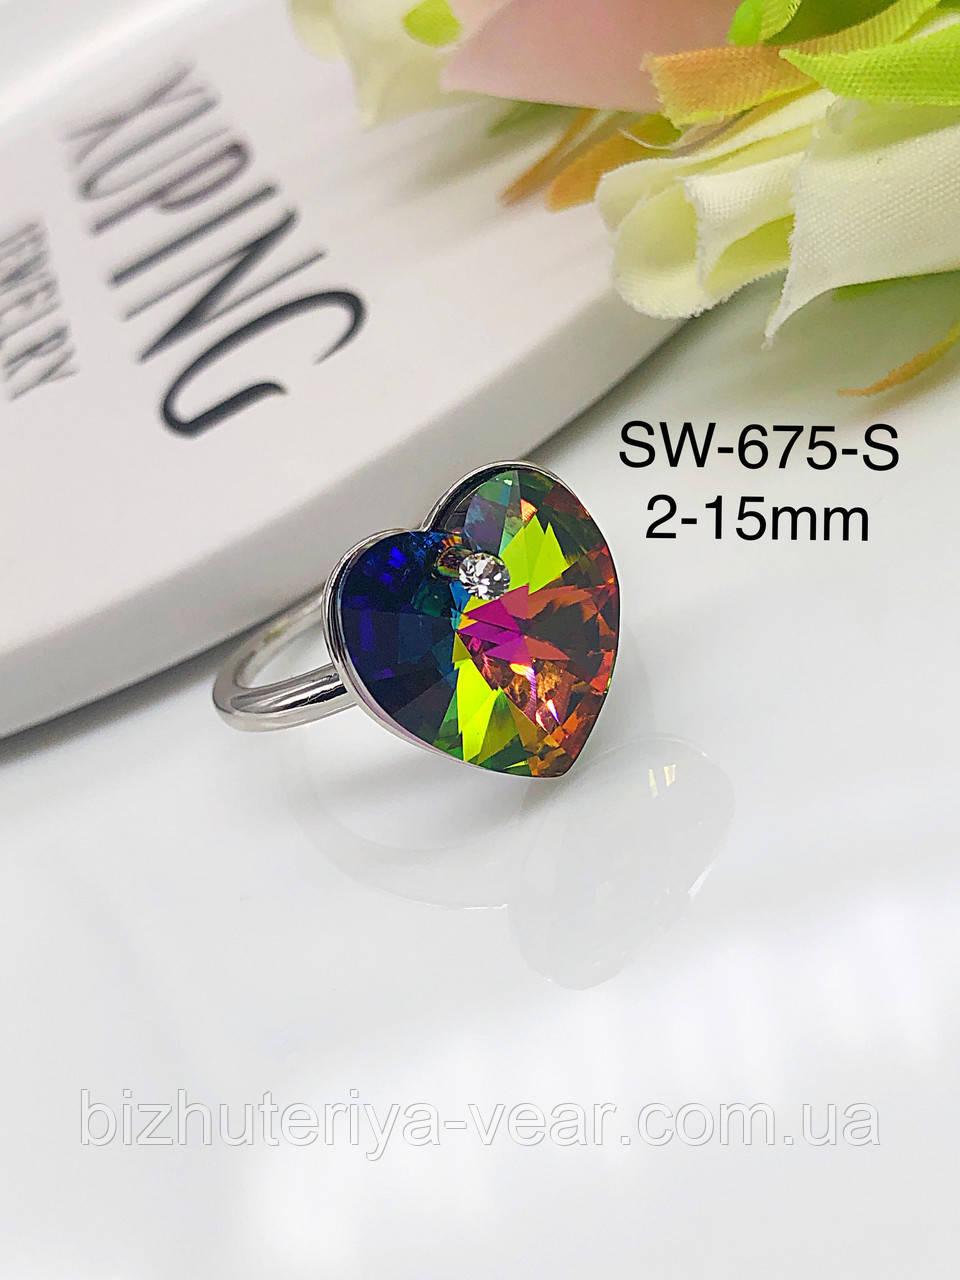 КОЛЬЦО XUPING SWAROVSKI Sw-675(6,7,8,9,10)